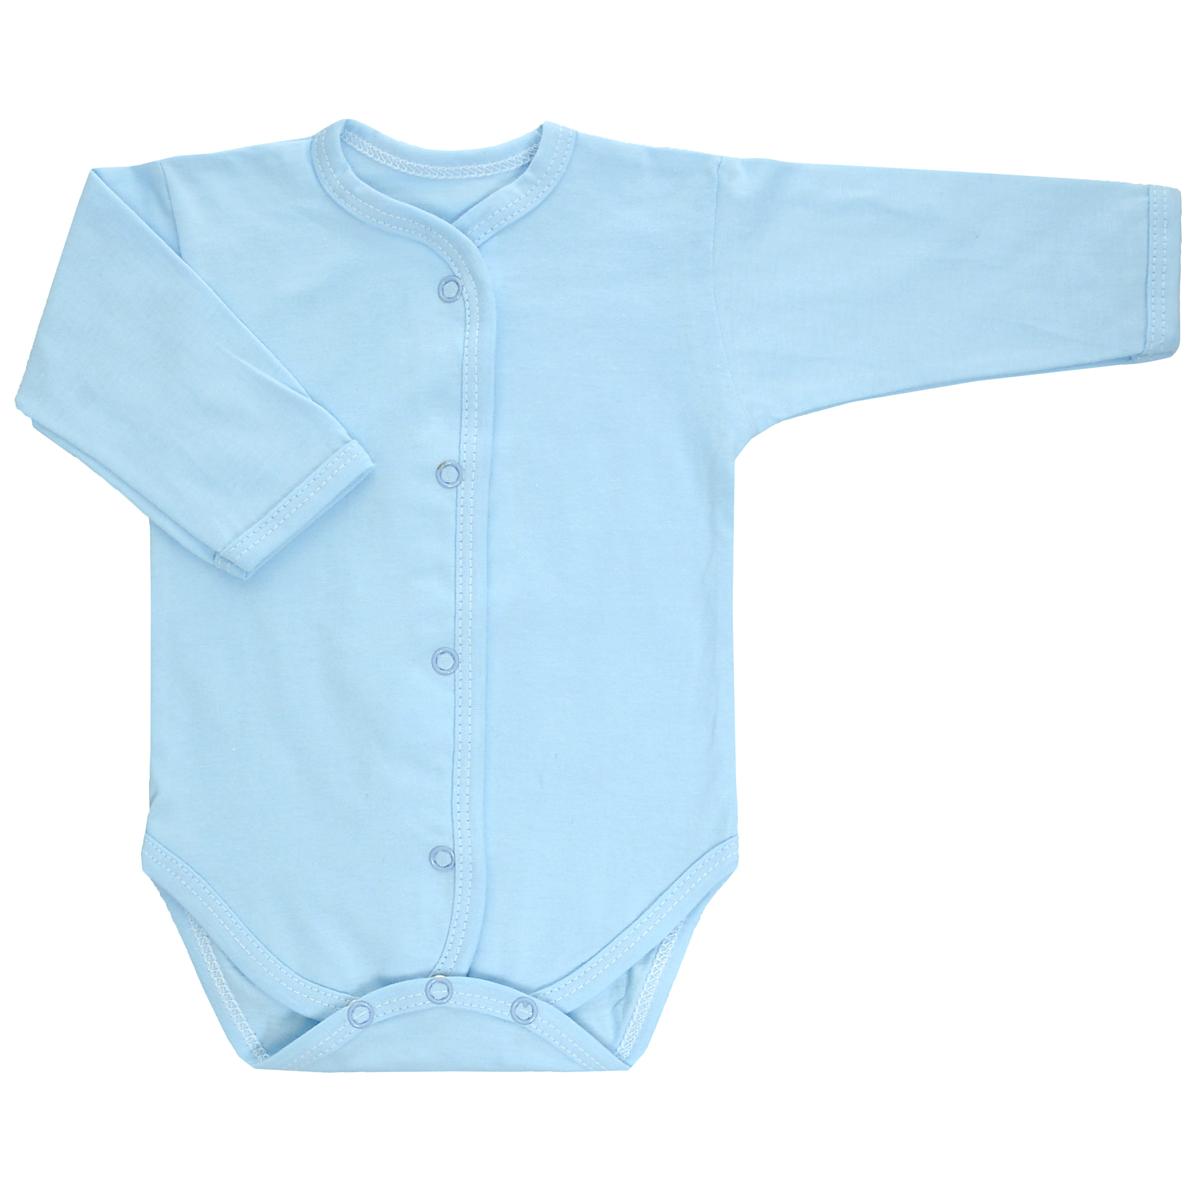 Боди детское Трон-Плюс, цвет: голубой. 5866. Размер 74, 9 месяцев5866Детское боди Трон-плюс с длинными рукавами послужит идеальным дополнением к гардеробу ребенка, обеспечивая ему наибольший комфорт. Изготовленное из кулирного полотна - натурального хлопка, оно необычайно мягкое и легкое, не раздражает нежную кожу ребенка и хорошо вентилируется, а эластичные швы приятны телу младенца и не препятствуют его движениям.Боди с длинными рукавами имеет удобные застежки-кнопки по всей длине и на ластовице, которые помогают легко переодеть ребенка или сменить подгузник.Боди полностью соответствует особенностям жизни малыша в ранний период, не стесняя и не ограничивая его в движениях!